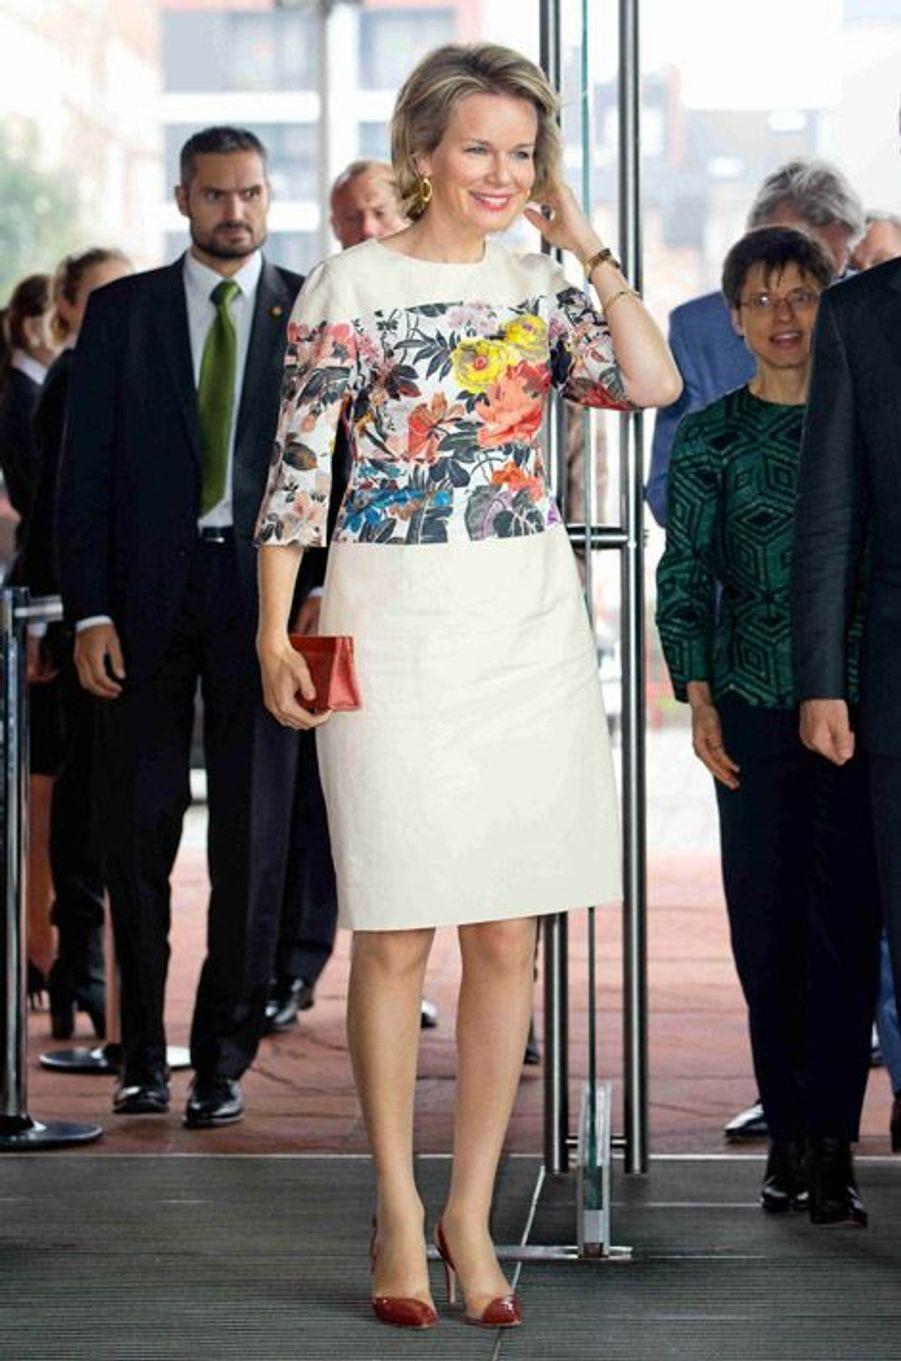 La reine Mathilde de Belgique inaugure une exposition sur les religions à Antwerp, en Belgique, le 24 septembre 2014